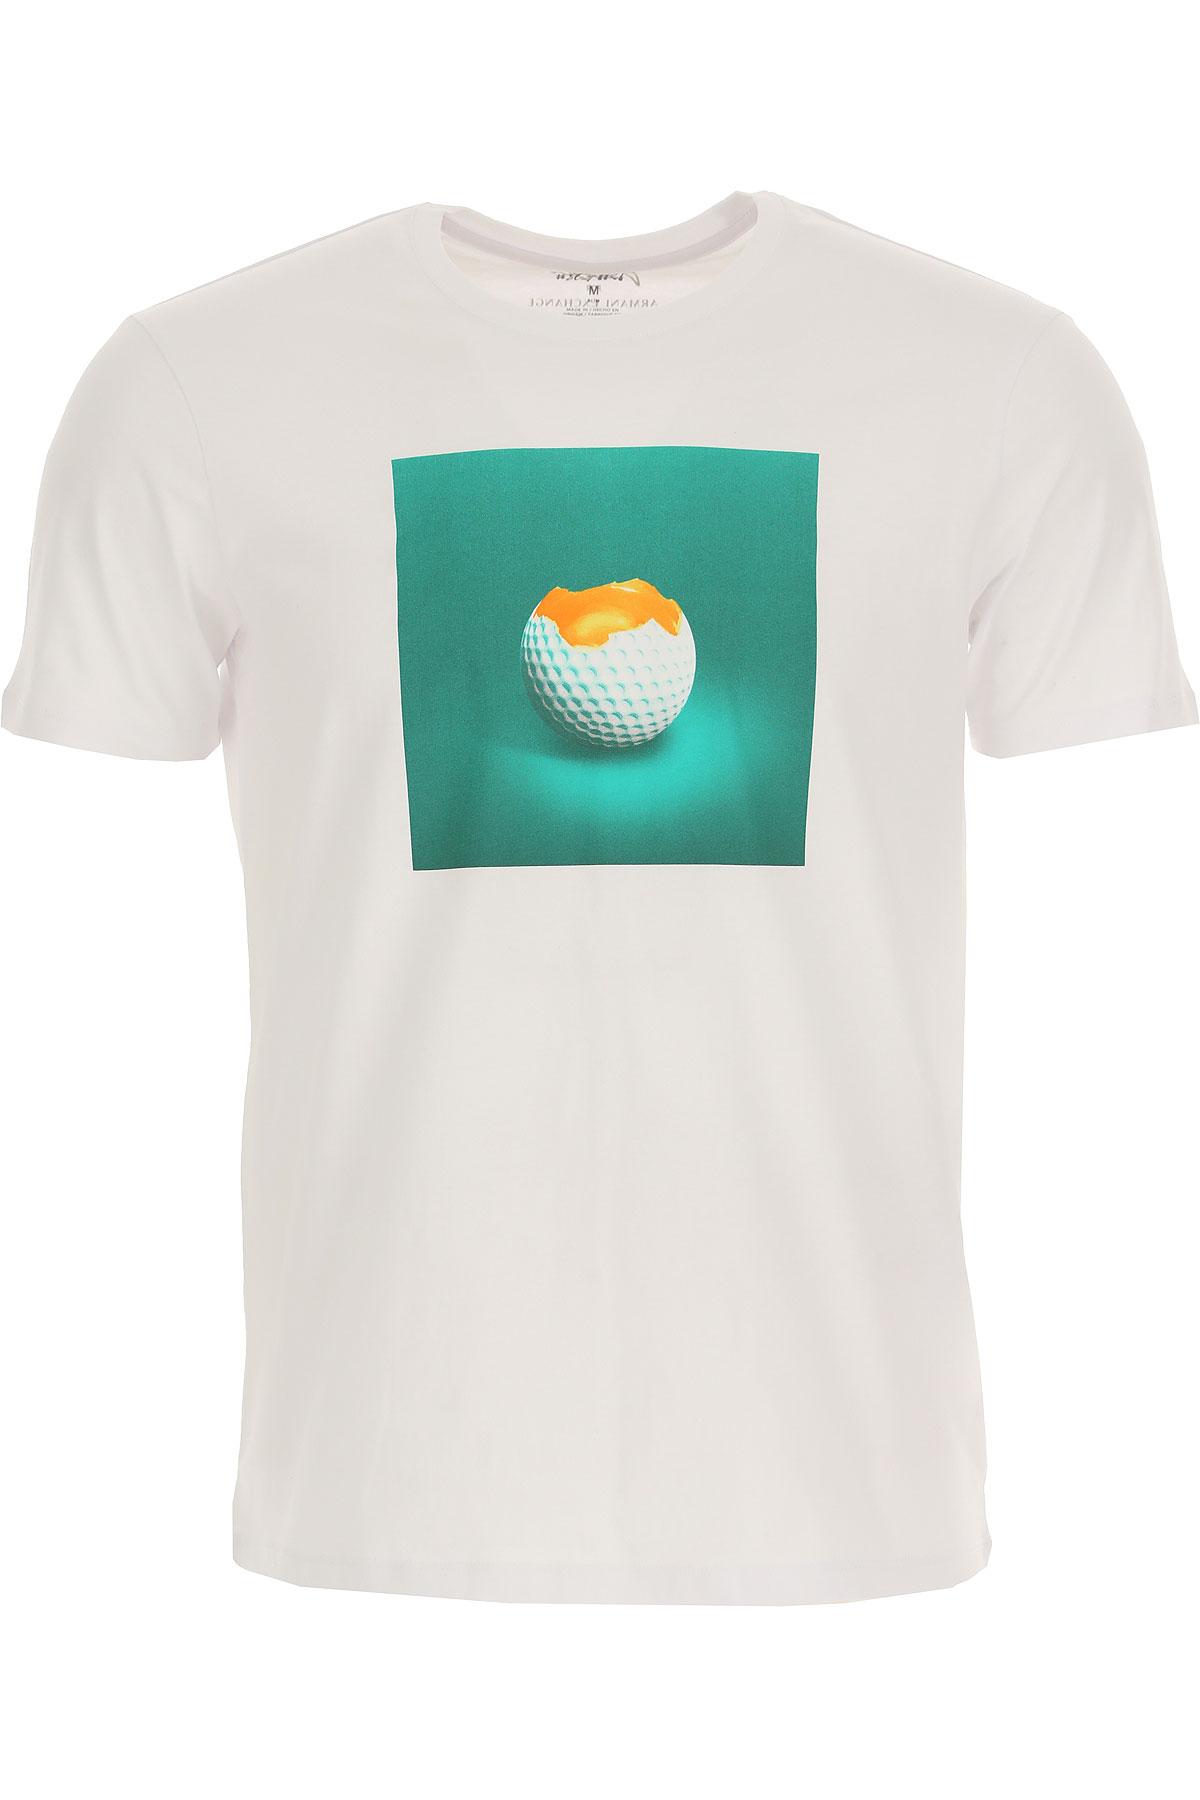 Emporio Armani T-shirt Homme Pas Cher En Soldes, Ax Street Art Limited Edition , Blanc, Coton, 2019, L M S XXL